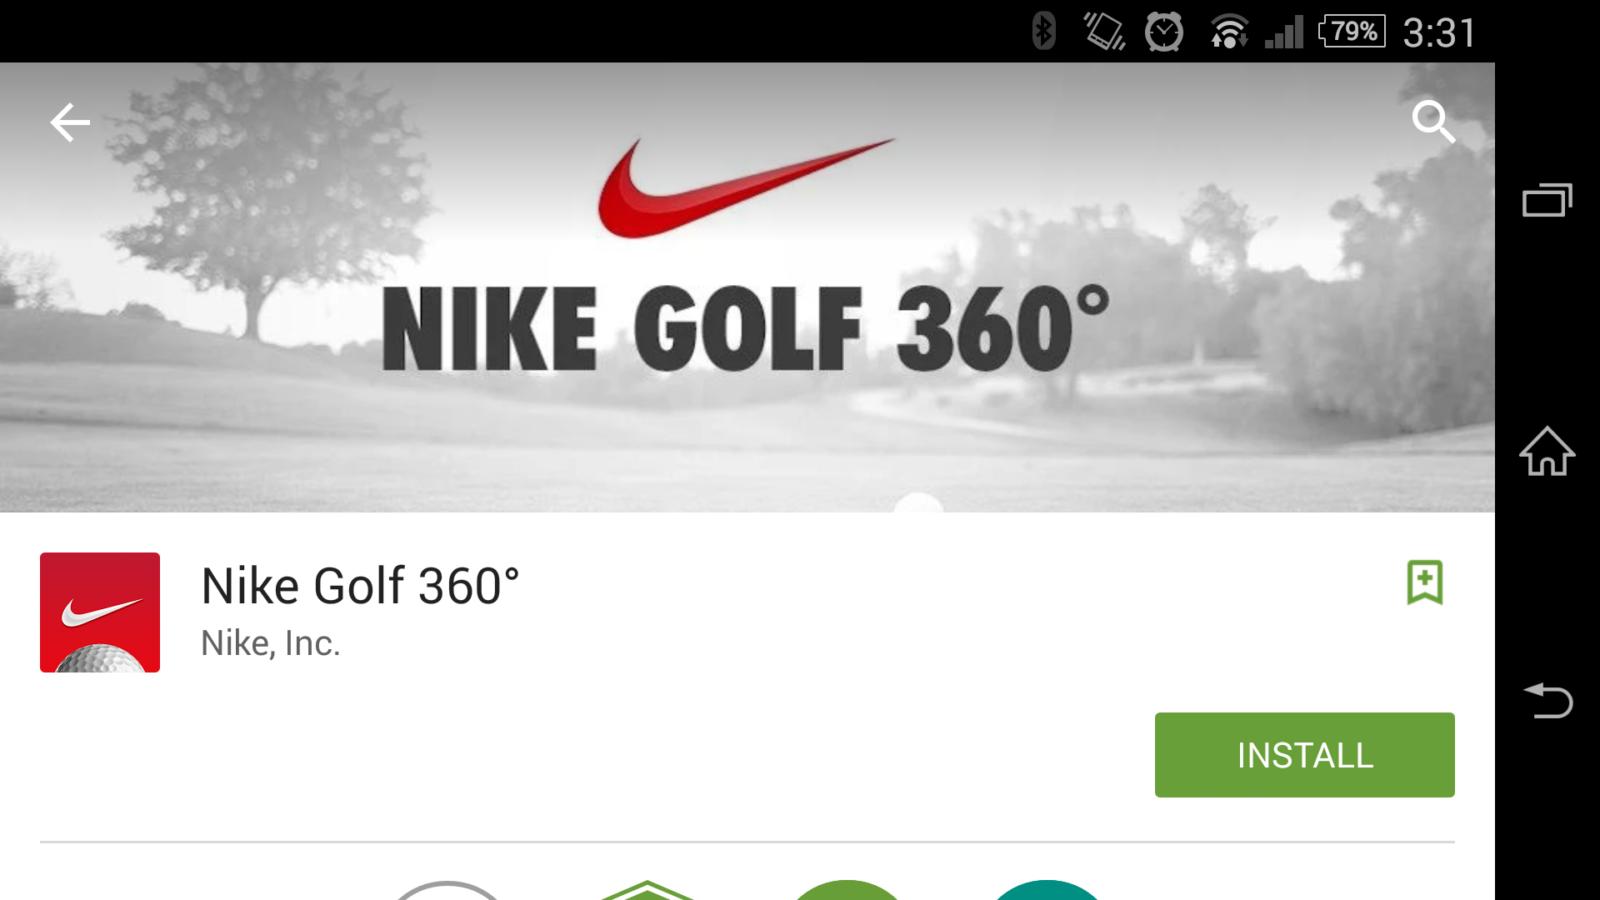 Nike Golf 360